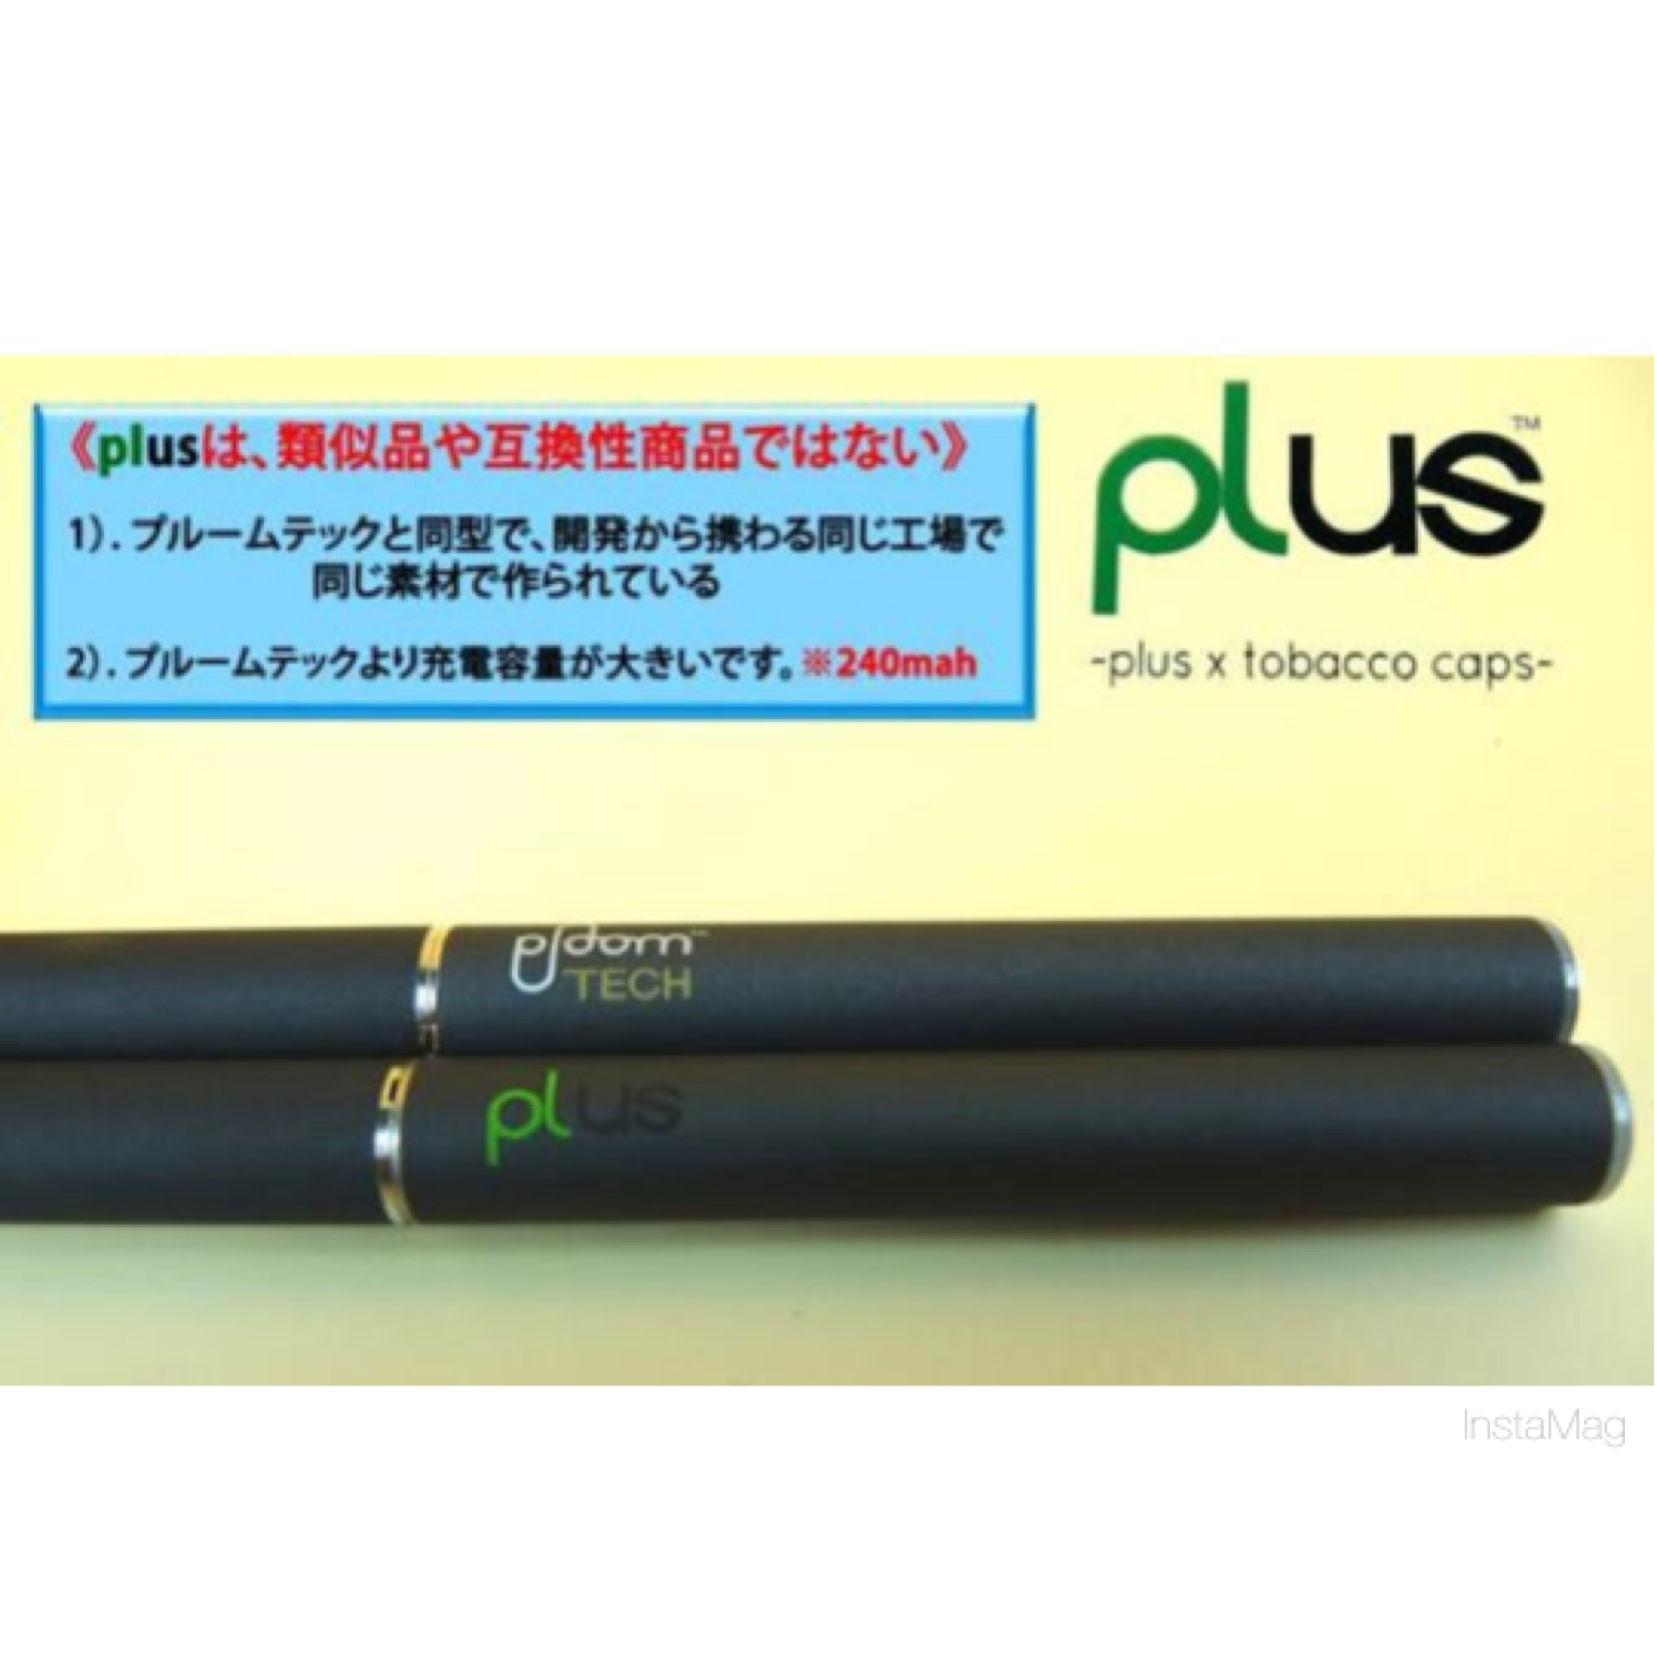 送料無料☆大人気☆電子タバコ☆plus プルームテック☆注目商品